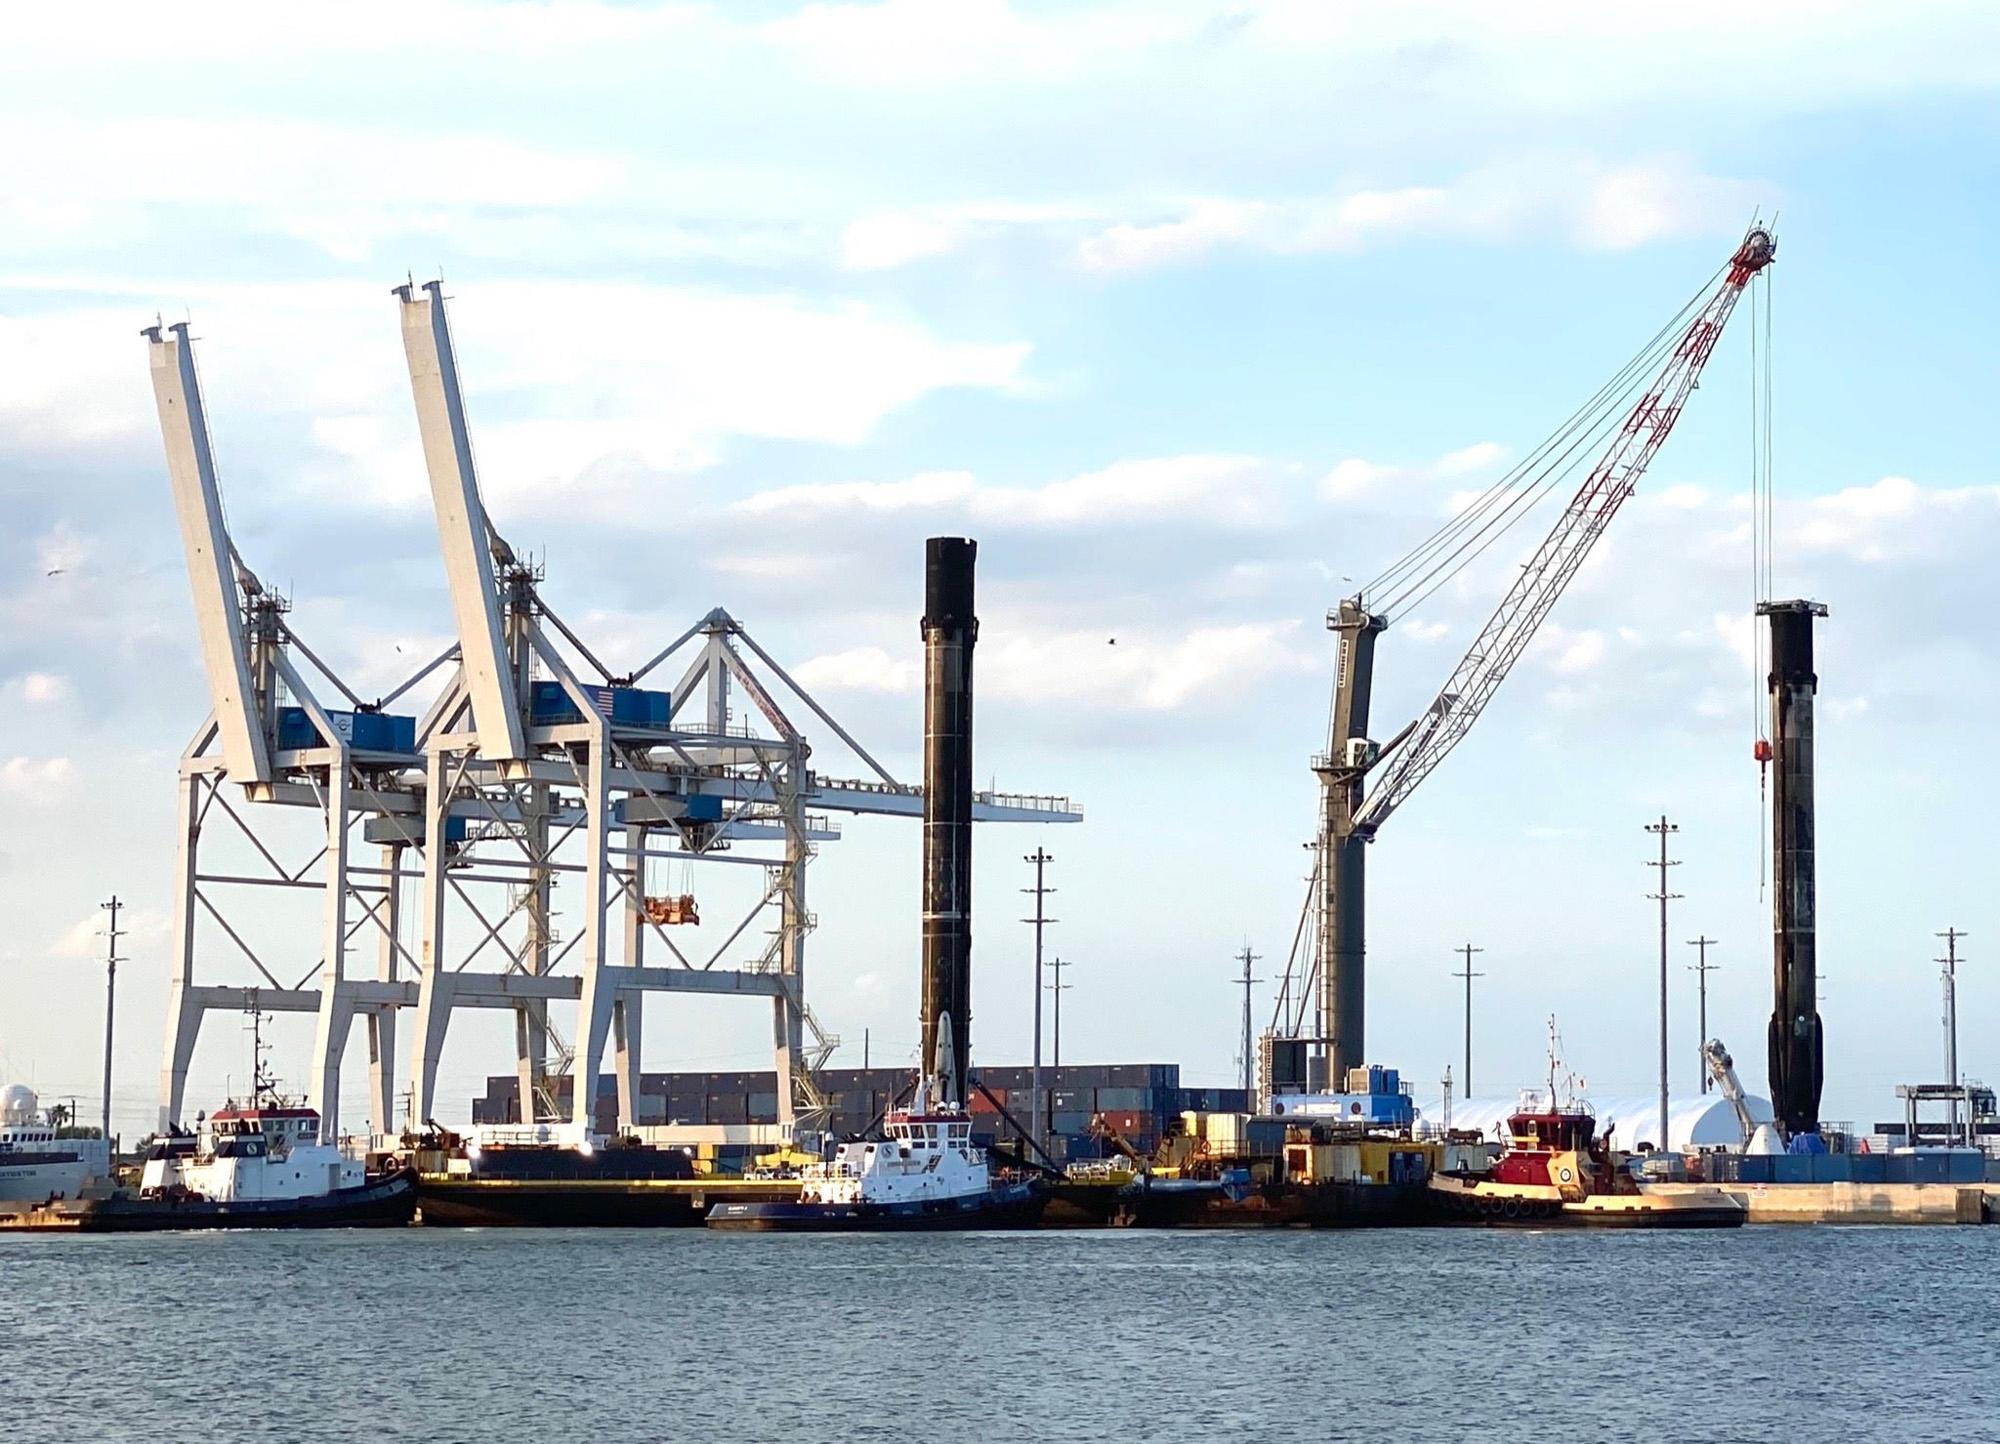 La fusée Falcon 9 la plus volée de SpaceX est revenue à Port Canaveral à Cap Canaveral, en Floride, le 16 mars 2021 après un 9e lancement record deux jours plus tôt.